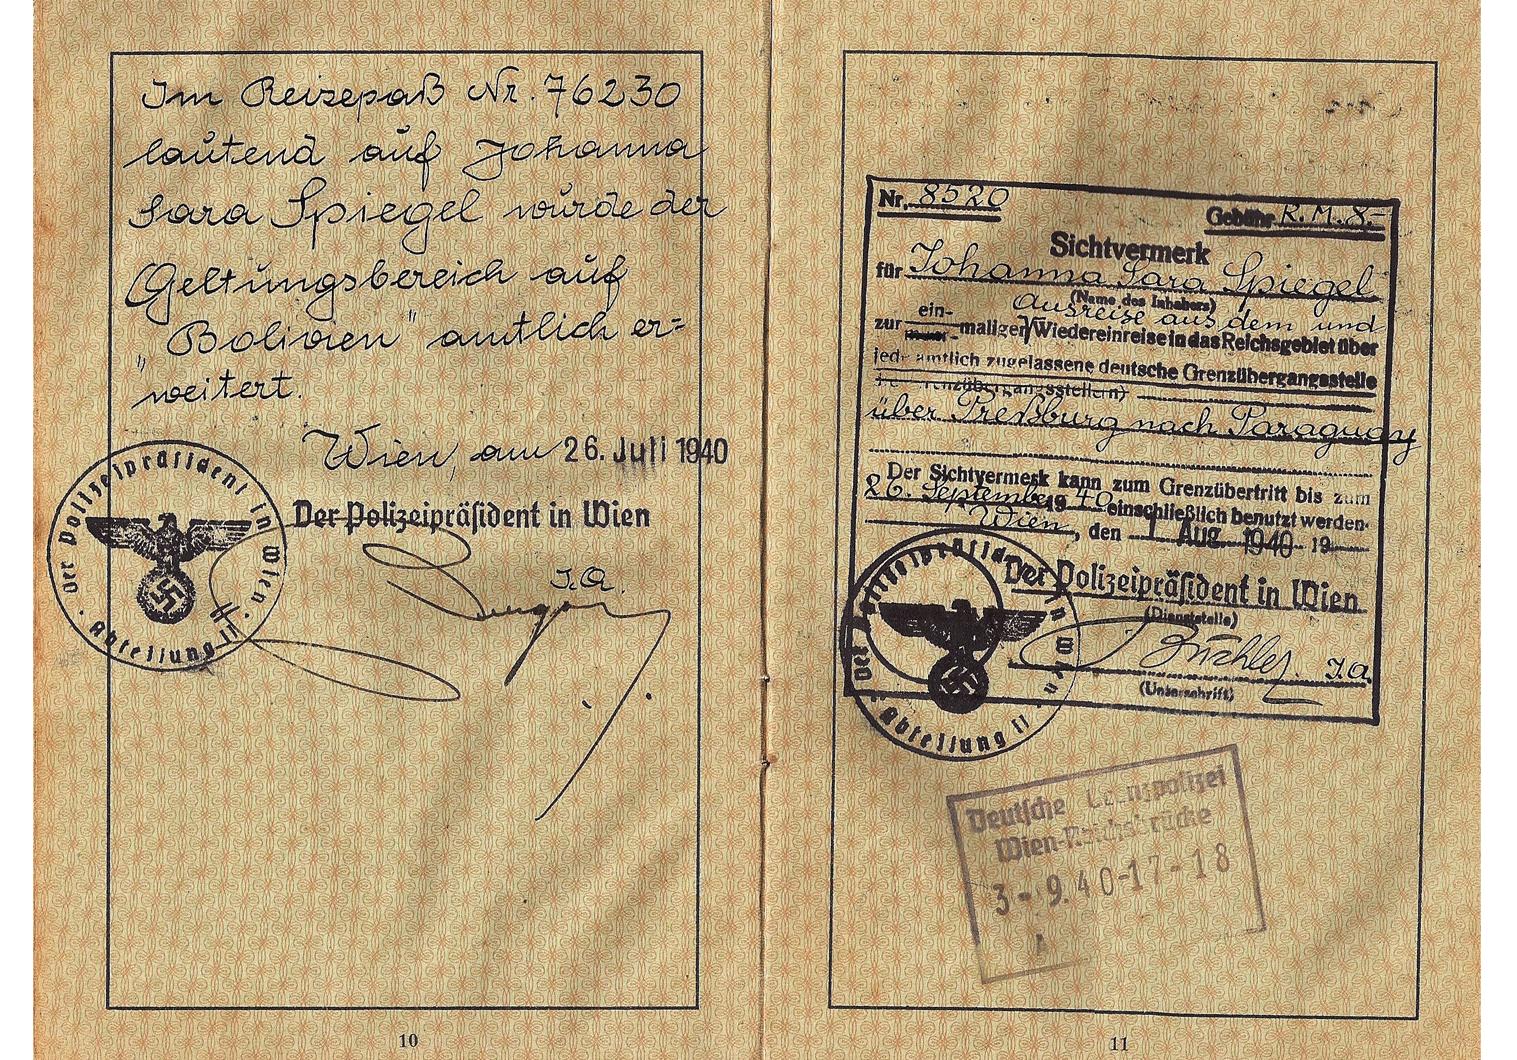 Adolf Eichmann SS staff